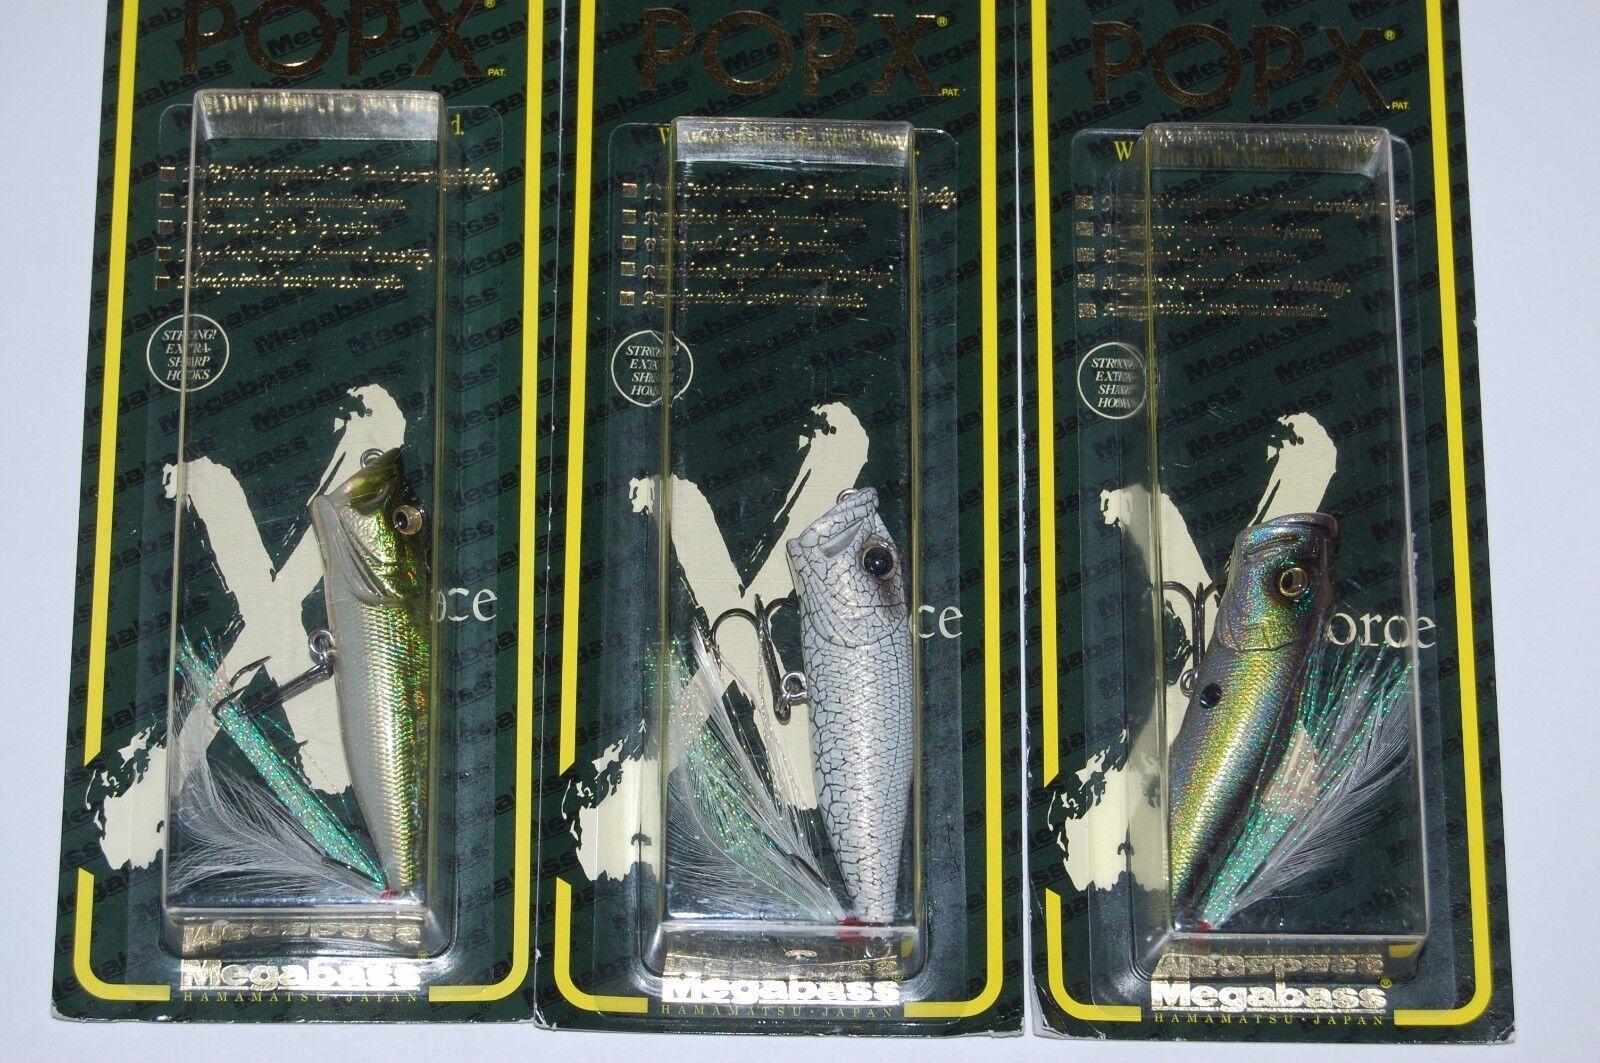 3 lures megabass pop x popx made in japan bass topwater popper 14oz assortment